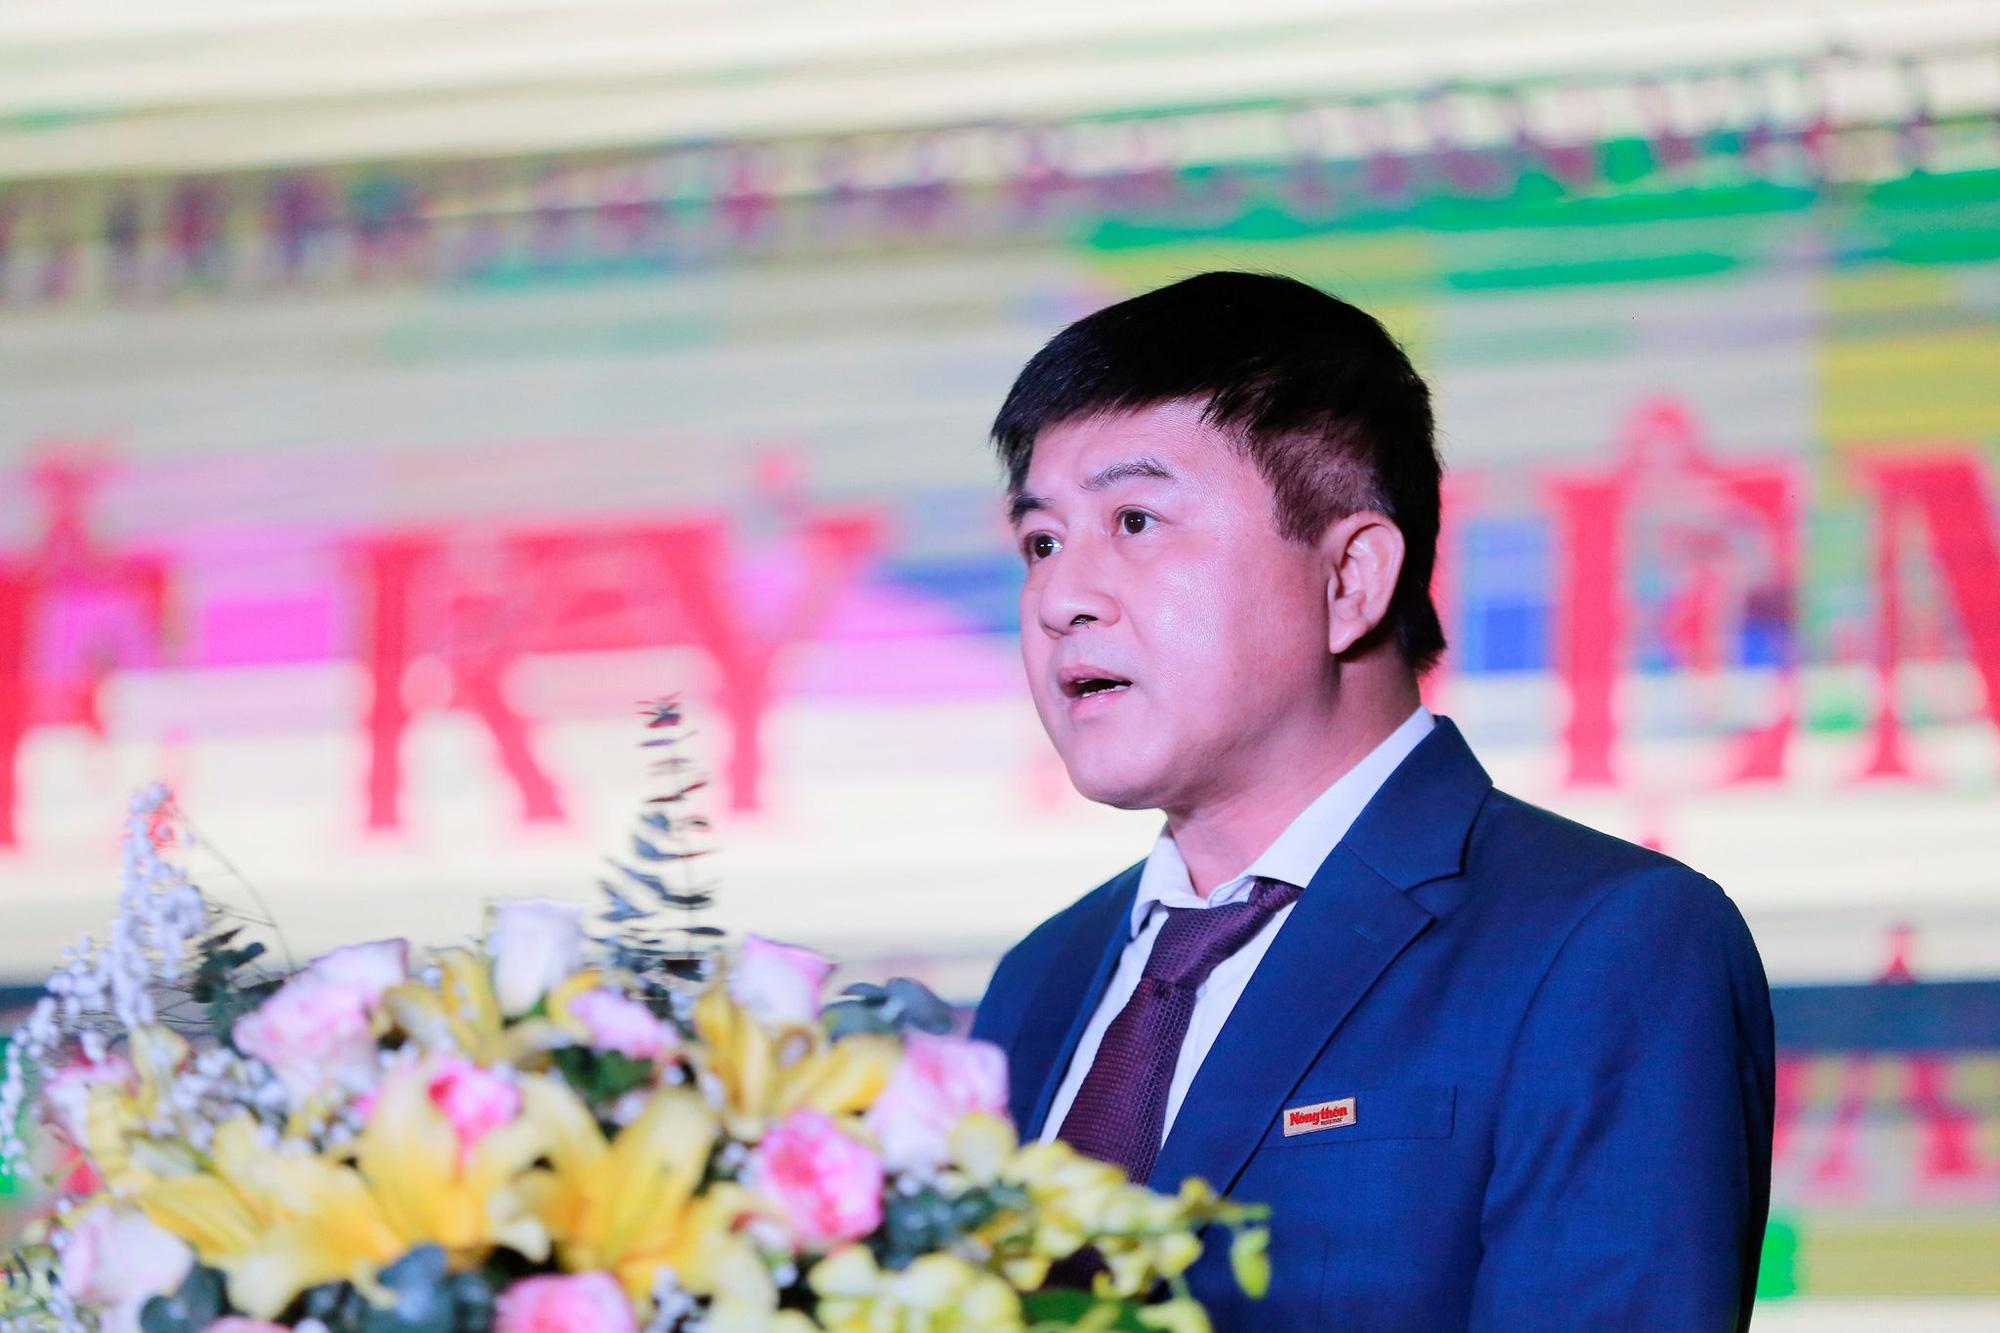 Ra mắt Chuyên trang Dân Việt Media - Ảnh 1.